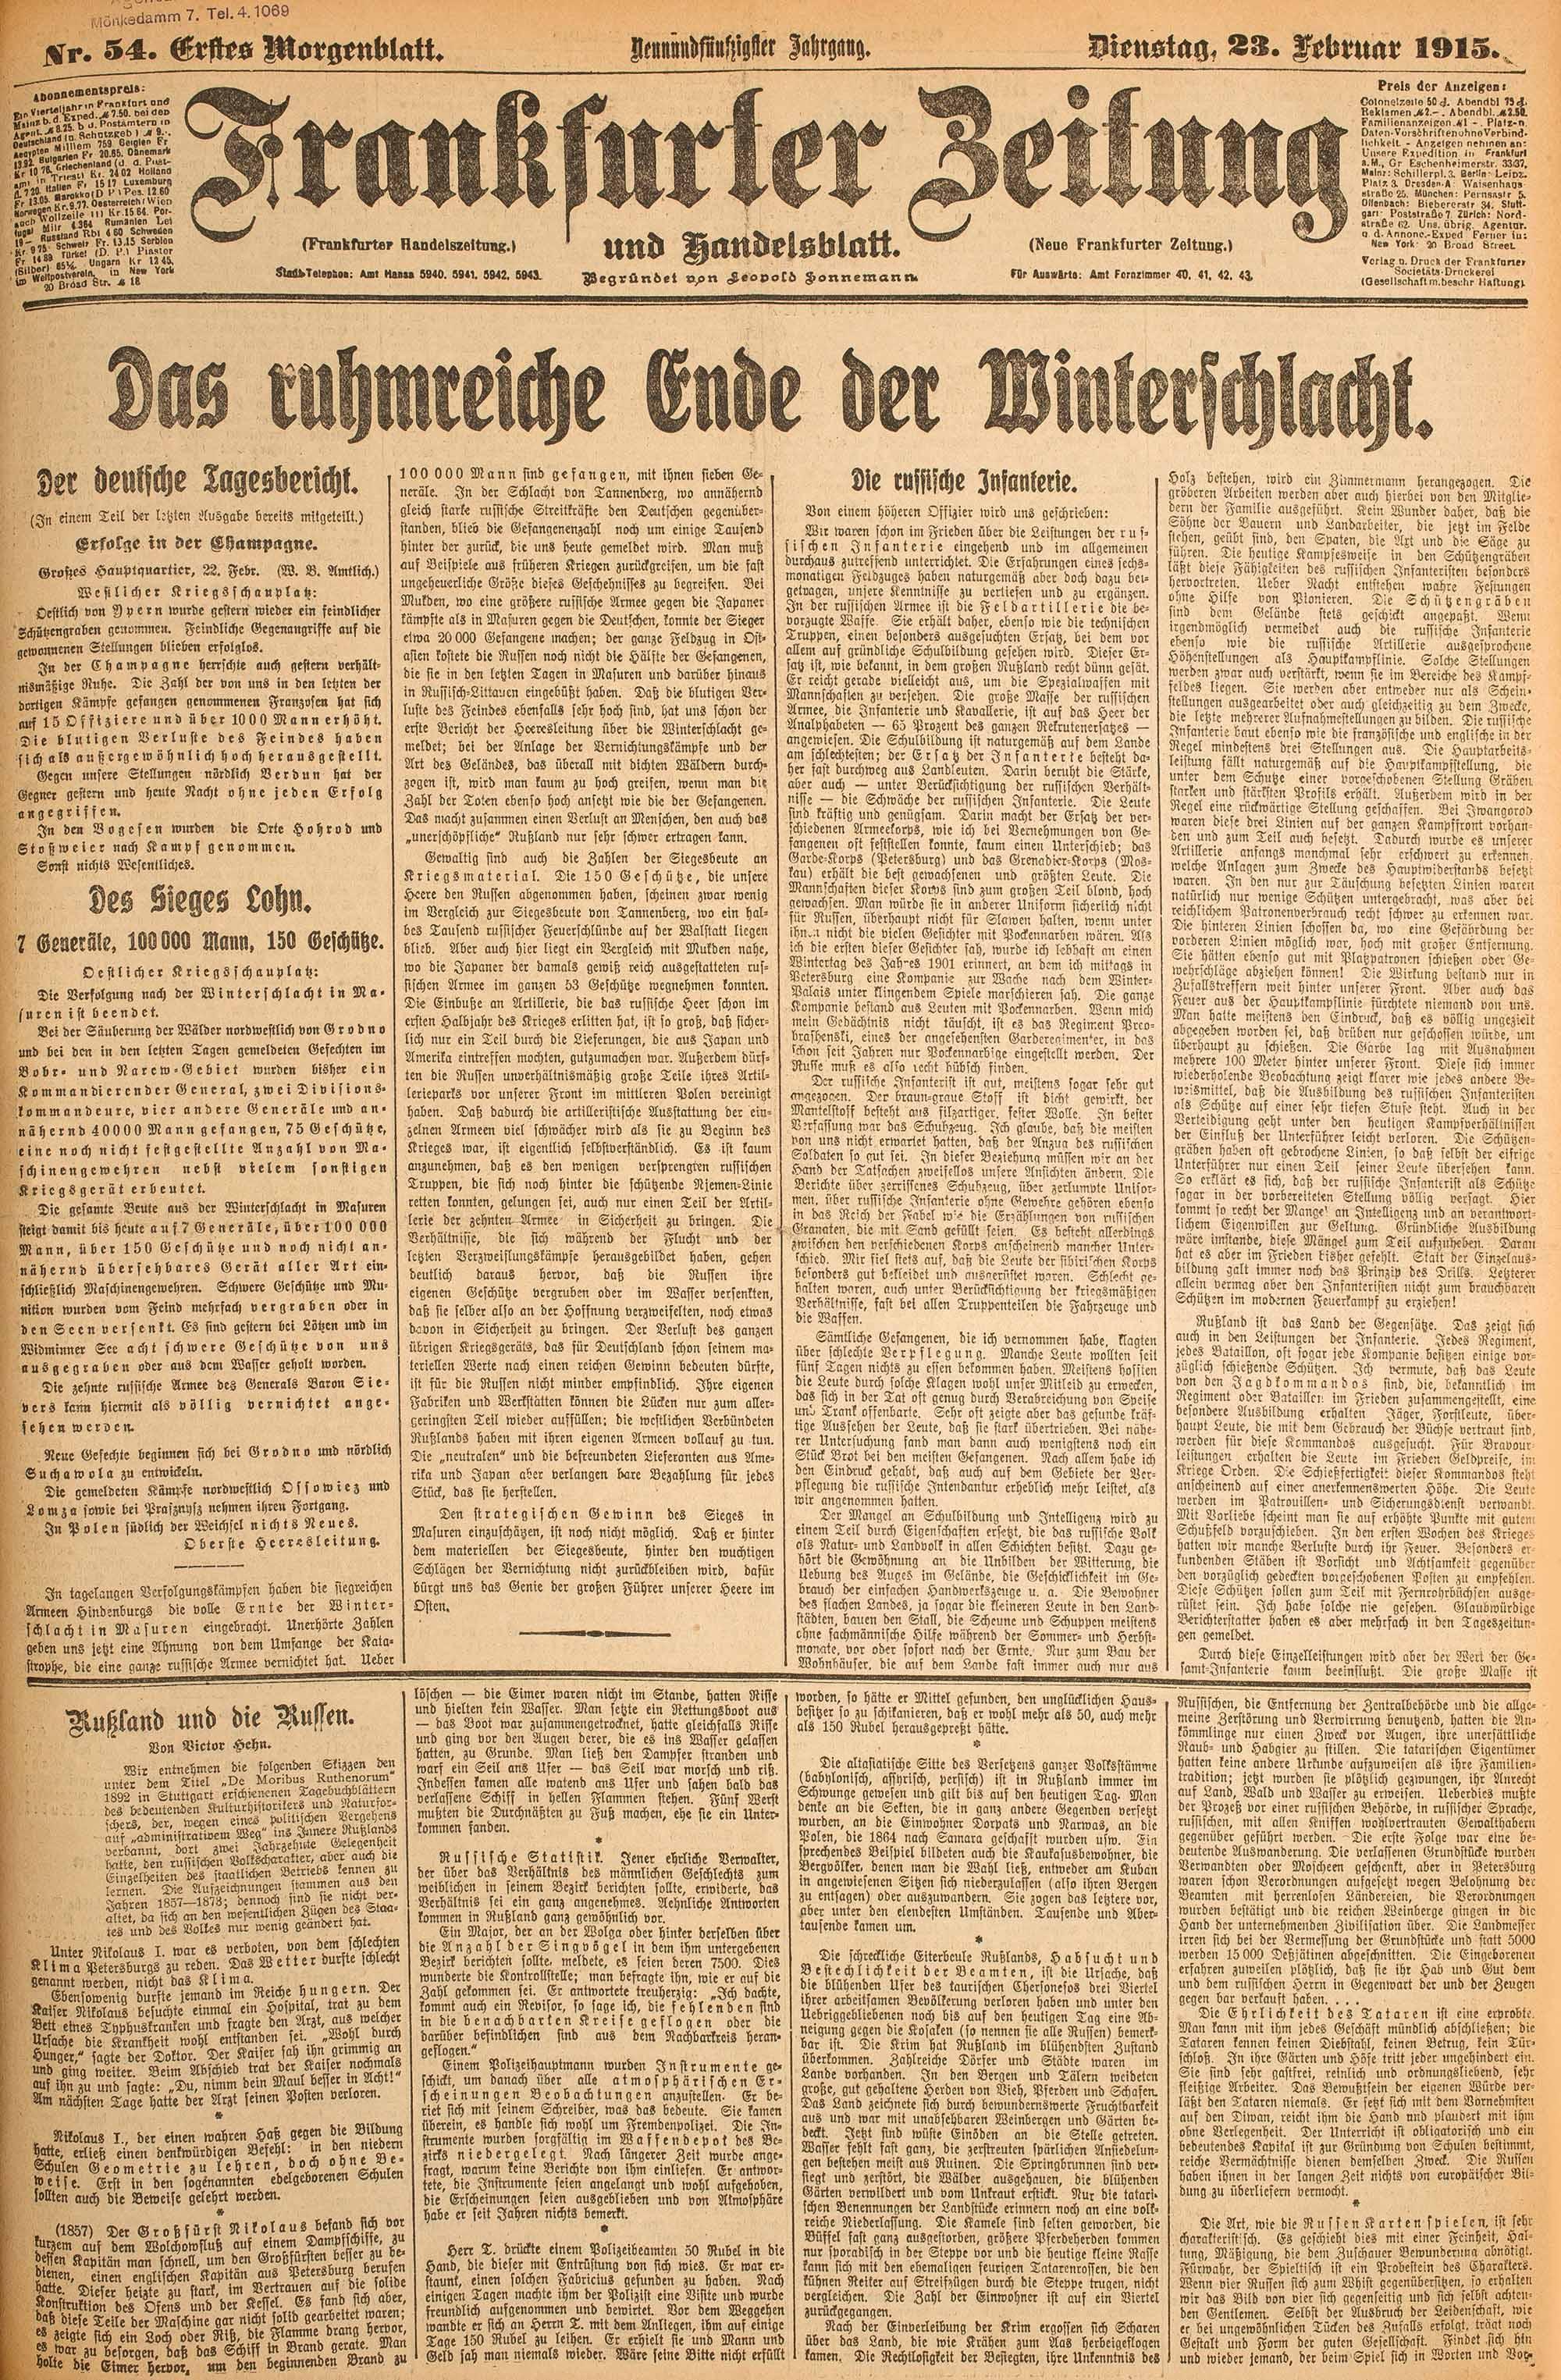 Frankfurter Zeitung 1915 - Reproduktion ausgewählter Zeitungsseiten über den Ausbruch des Ersten Weltkriegs für faz.net (Januar -  Februar  1915)